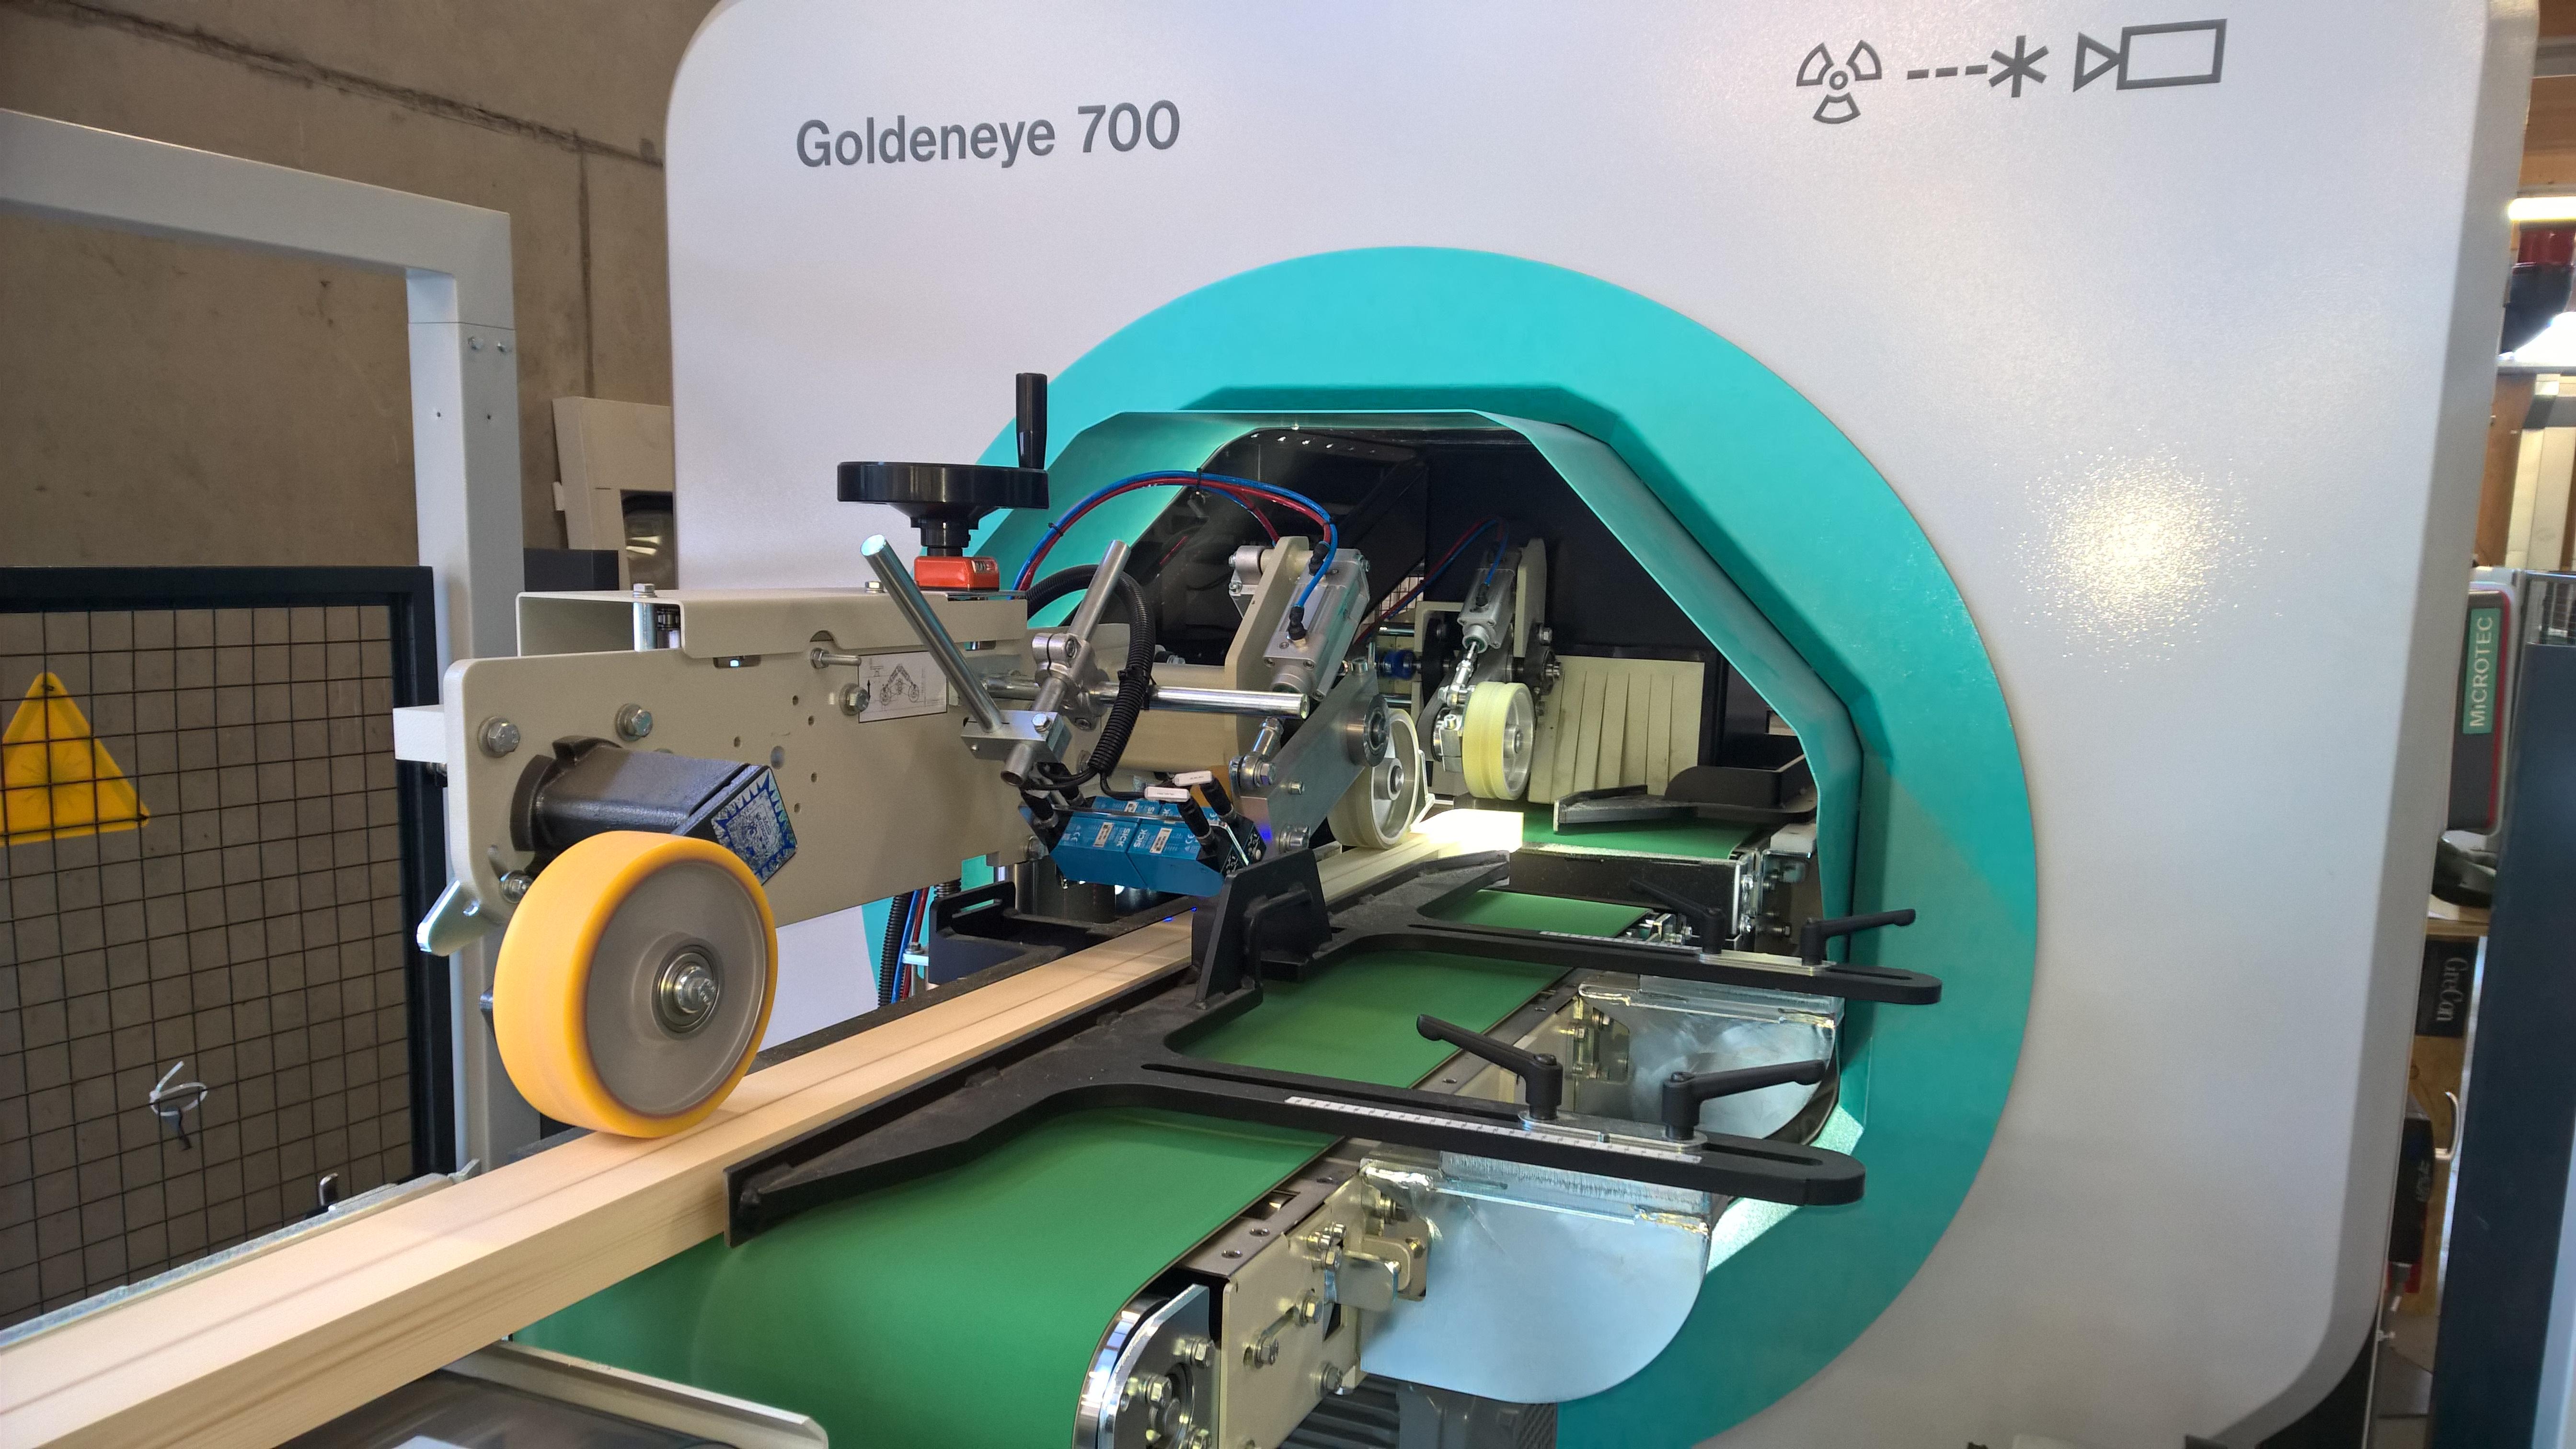 Goldeneye (2)